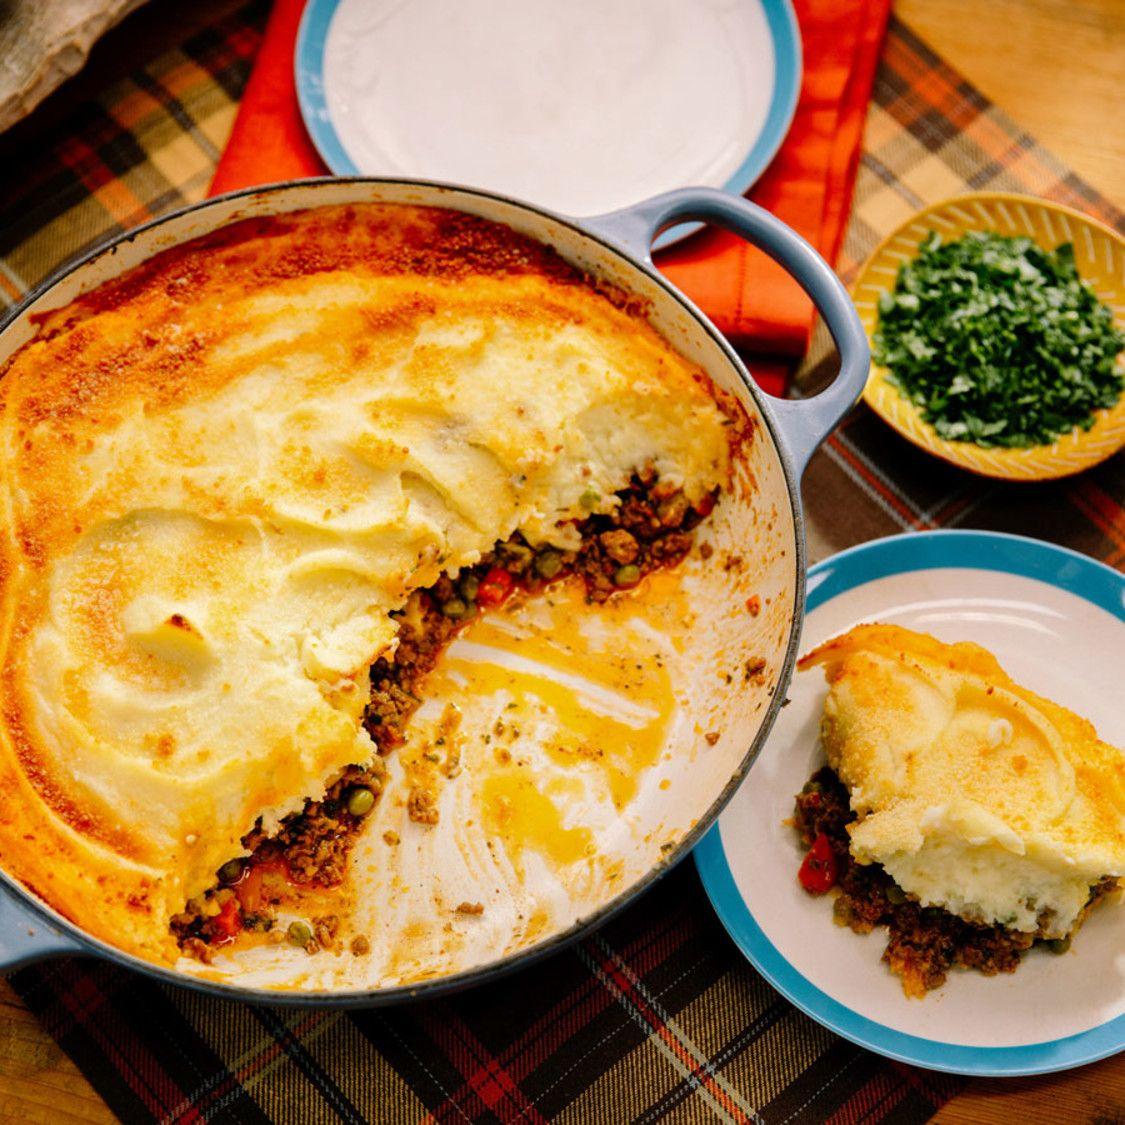 My Mother S Shepherd S Pie Recipe In 2020 Food Network Recipes Shepards Pie Recipe Shepards Pie